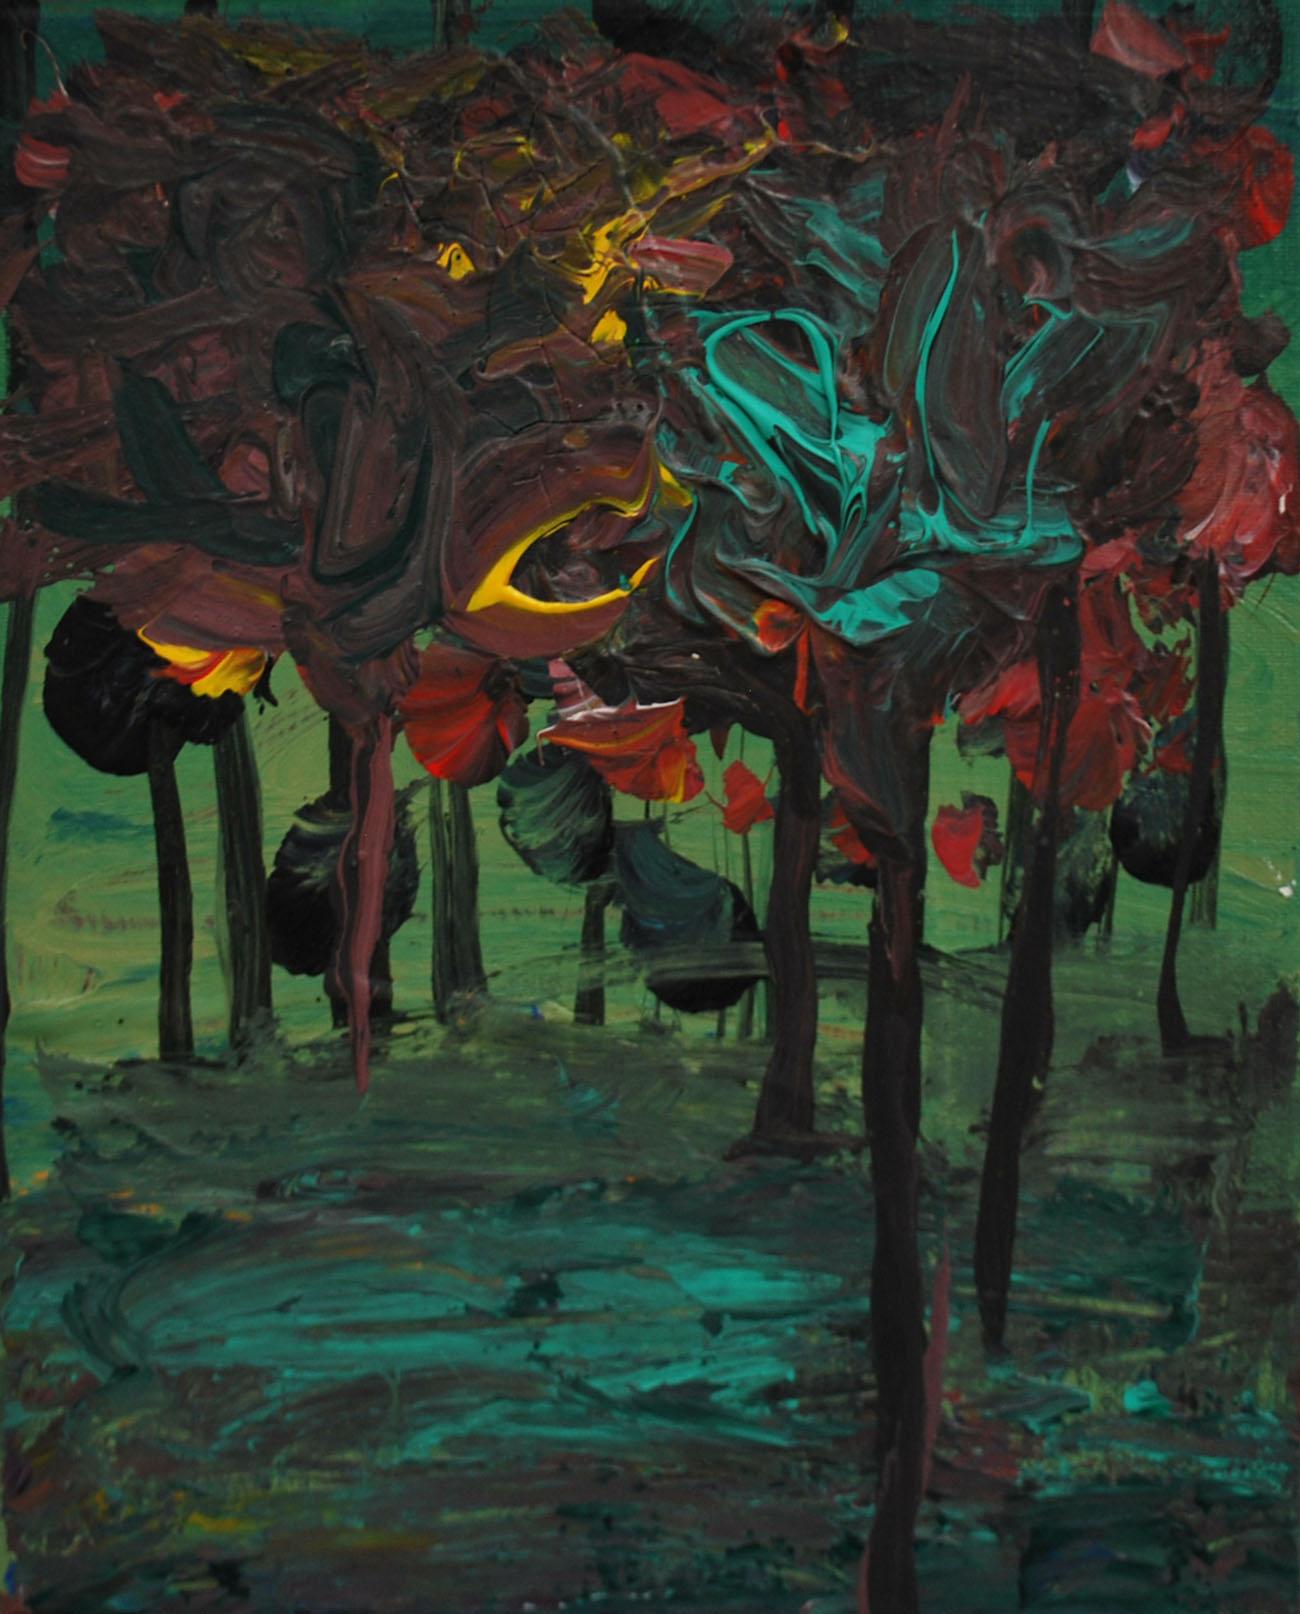 sans-titre-1-2012-technique-mixte-sur-toile-35x25-cm